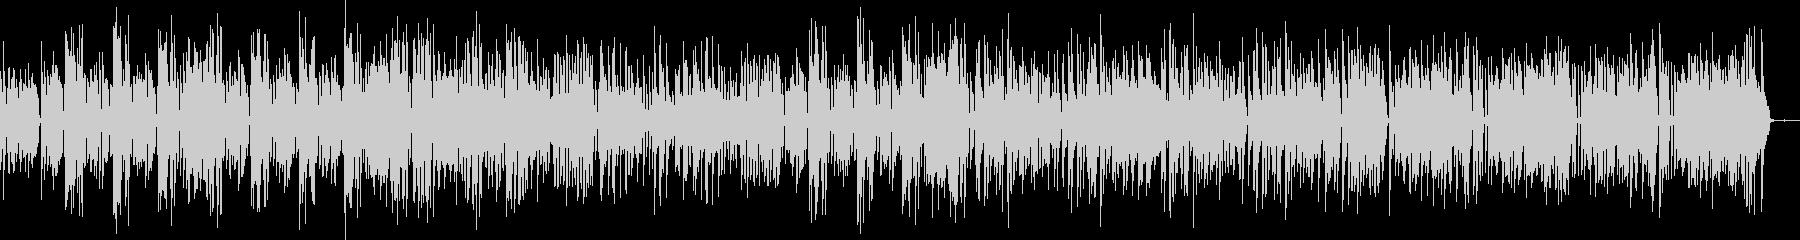 ジ・エンターテイナーの未再生の波形